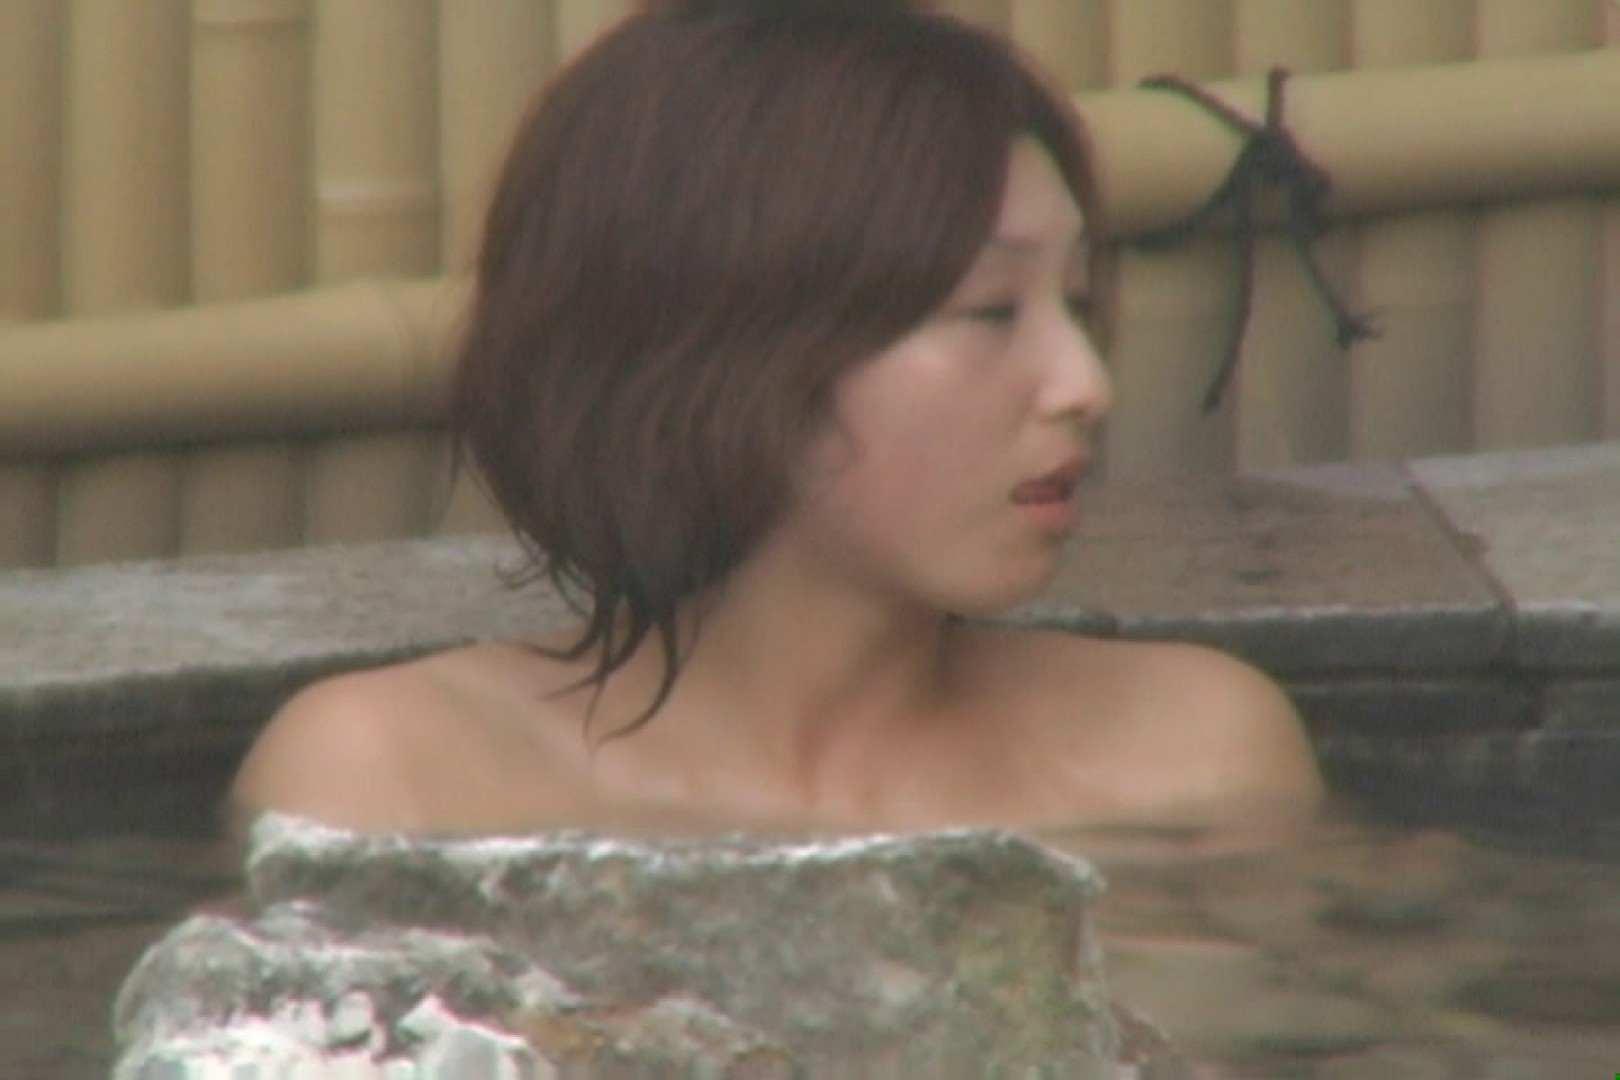 Aquaな露天風呂Vol.610 綺麗なOLたち SEX無修正画像 106枚 80